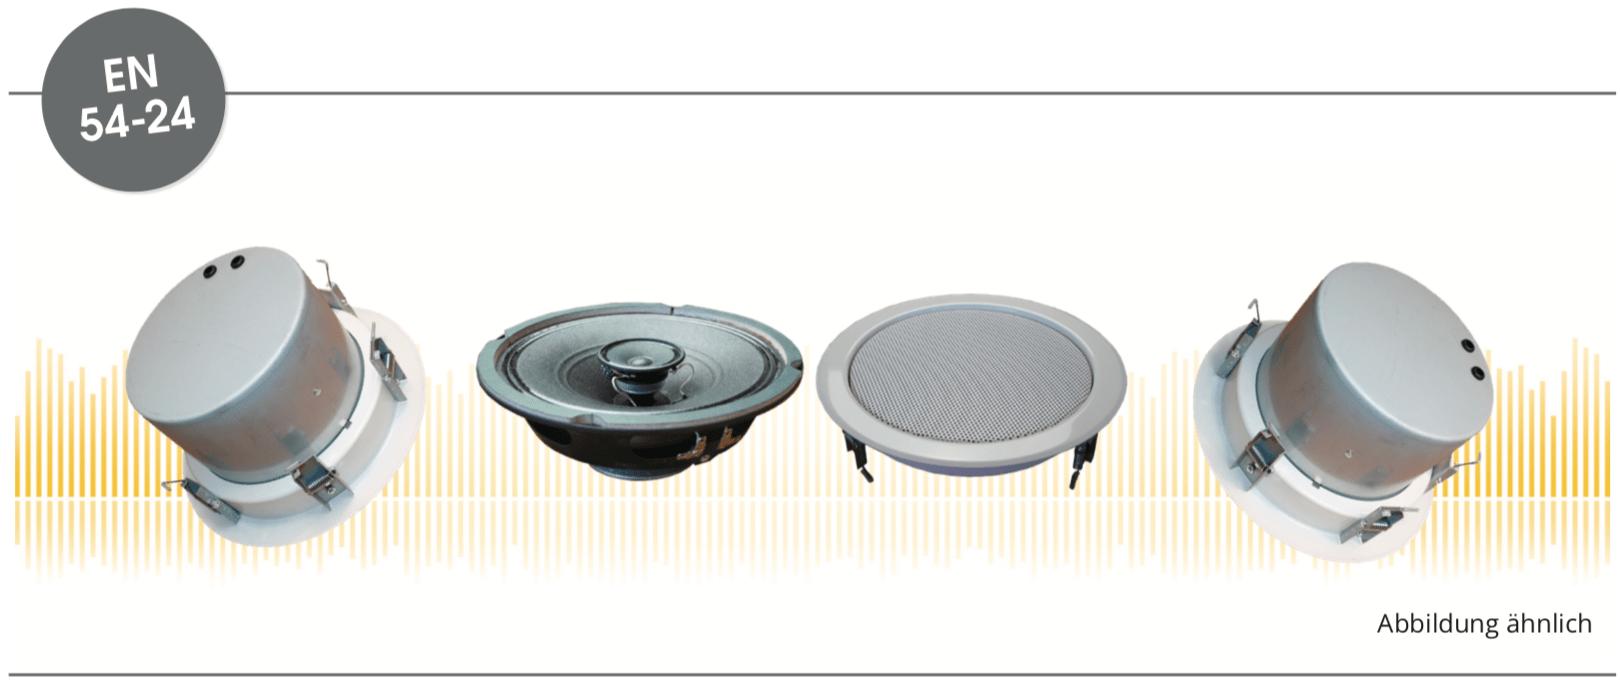 DLS-265FT/30W-Esonic-808/EN5424